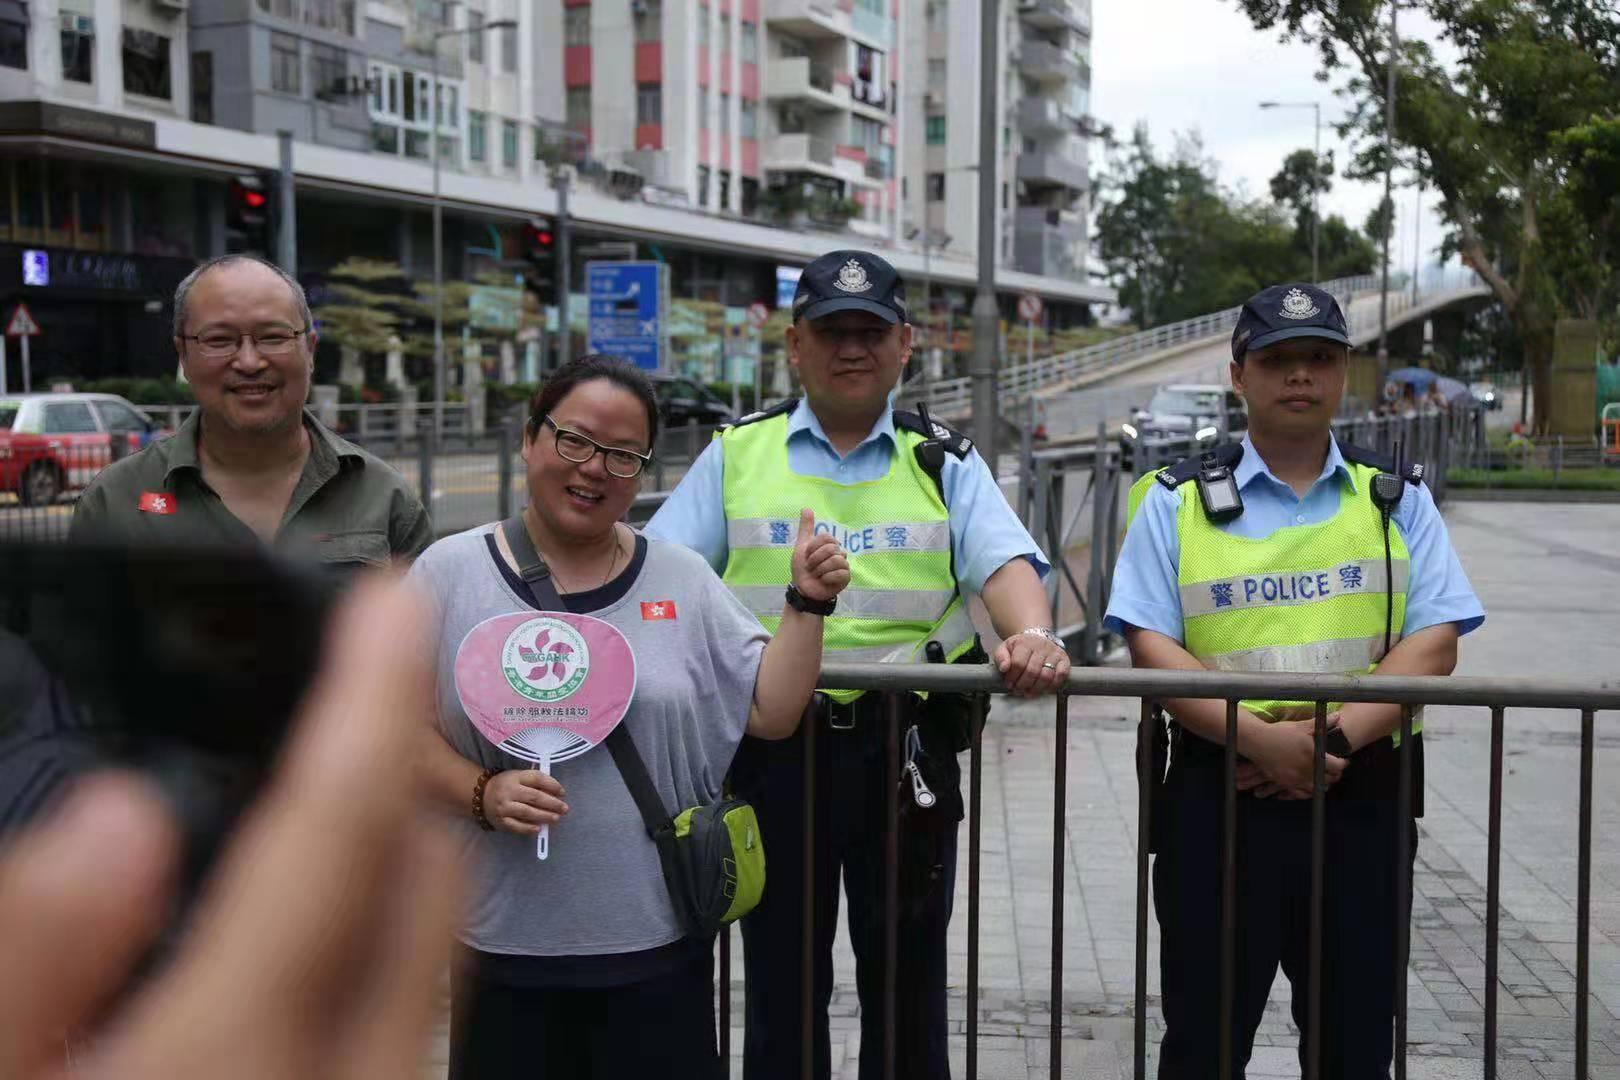 支持警察,反對暴力!愛國愛港組織舉辦反暴力音樂會